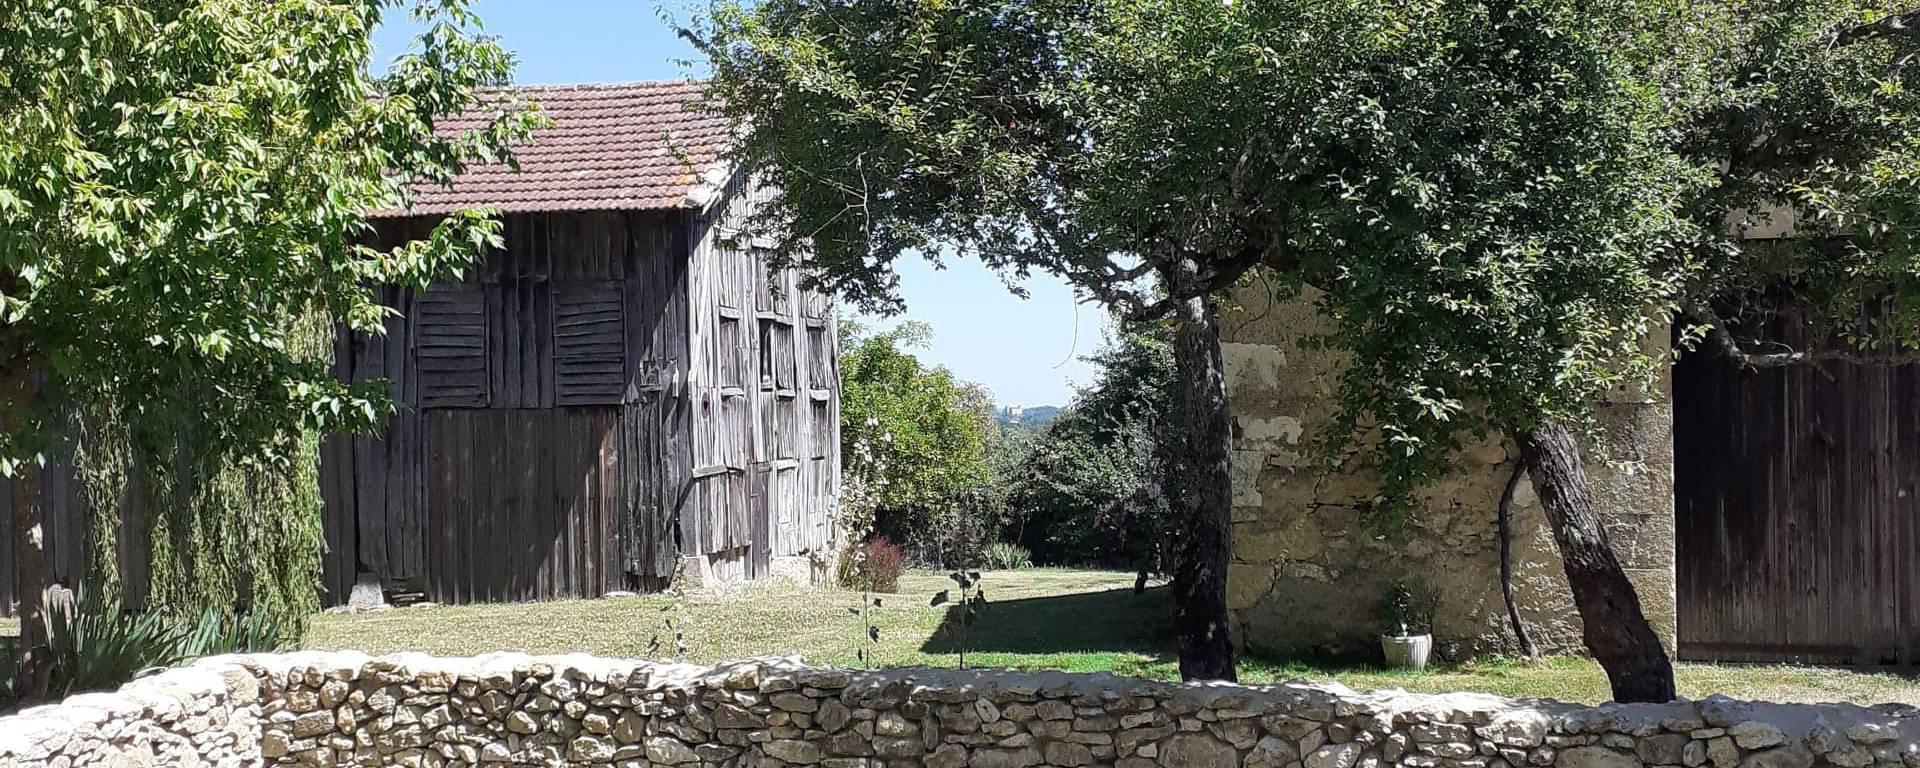 Village de Lagardère dans le Gers